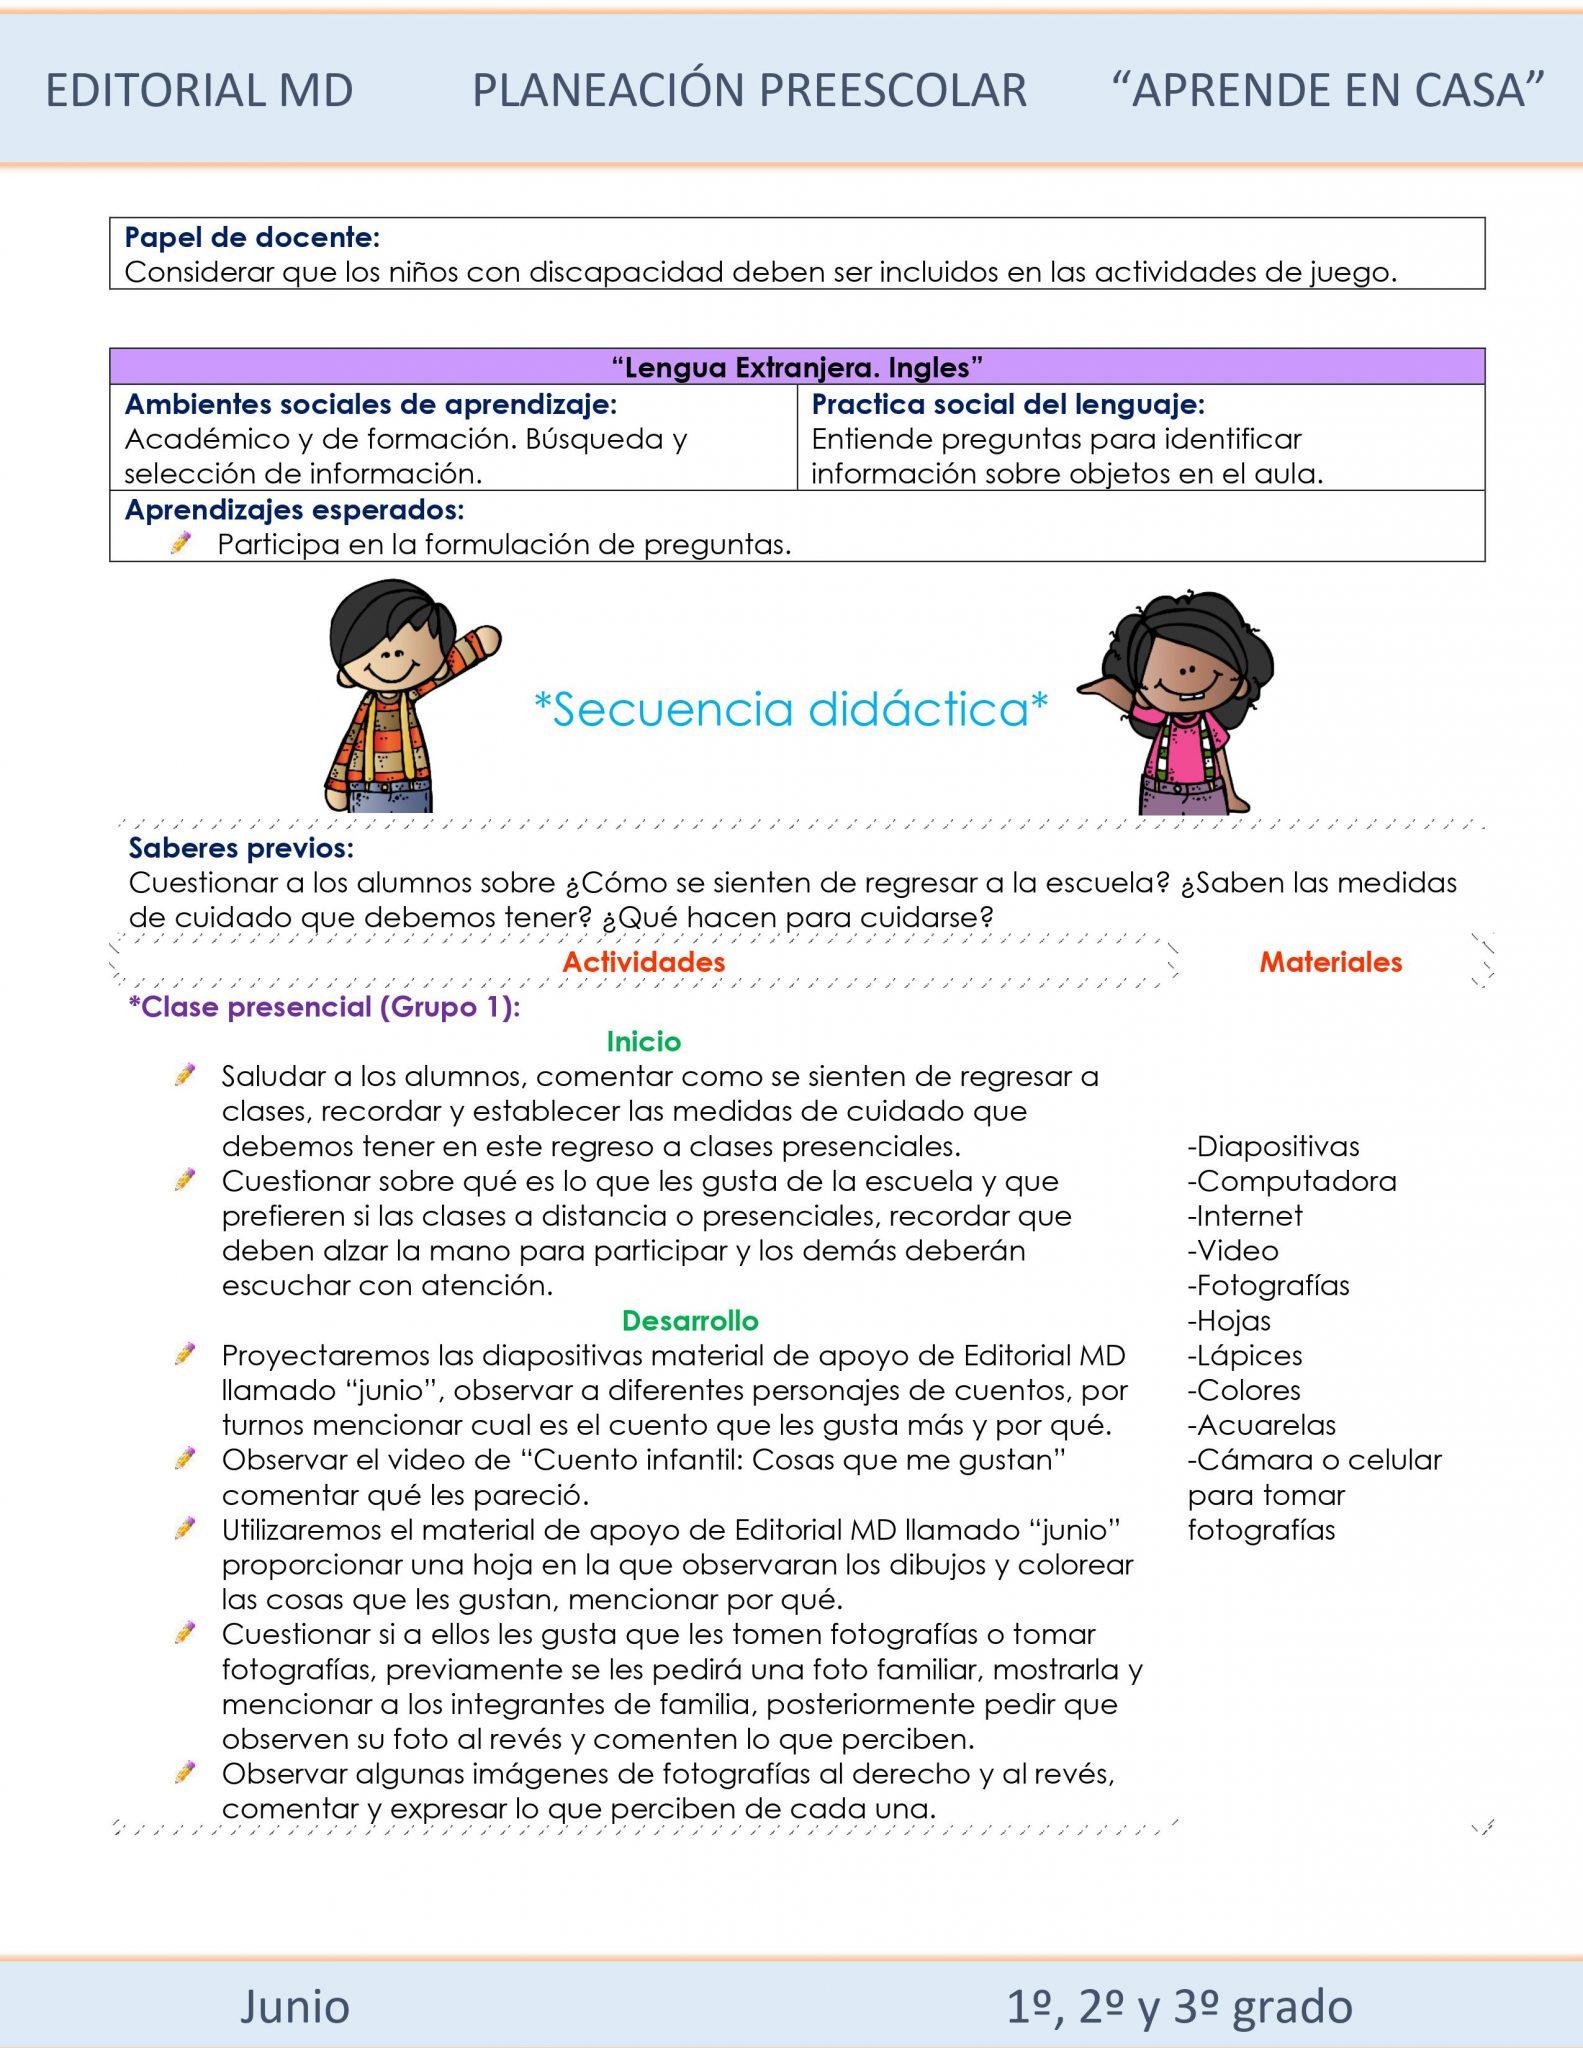 Ejemplo planeaciones Preescolar semana 37 clases presenciales